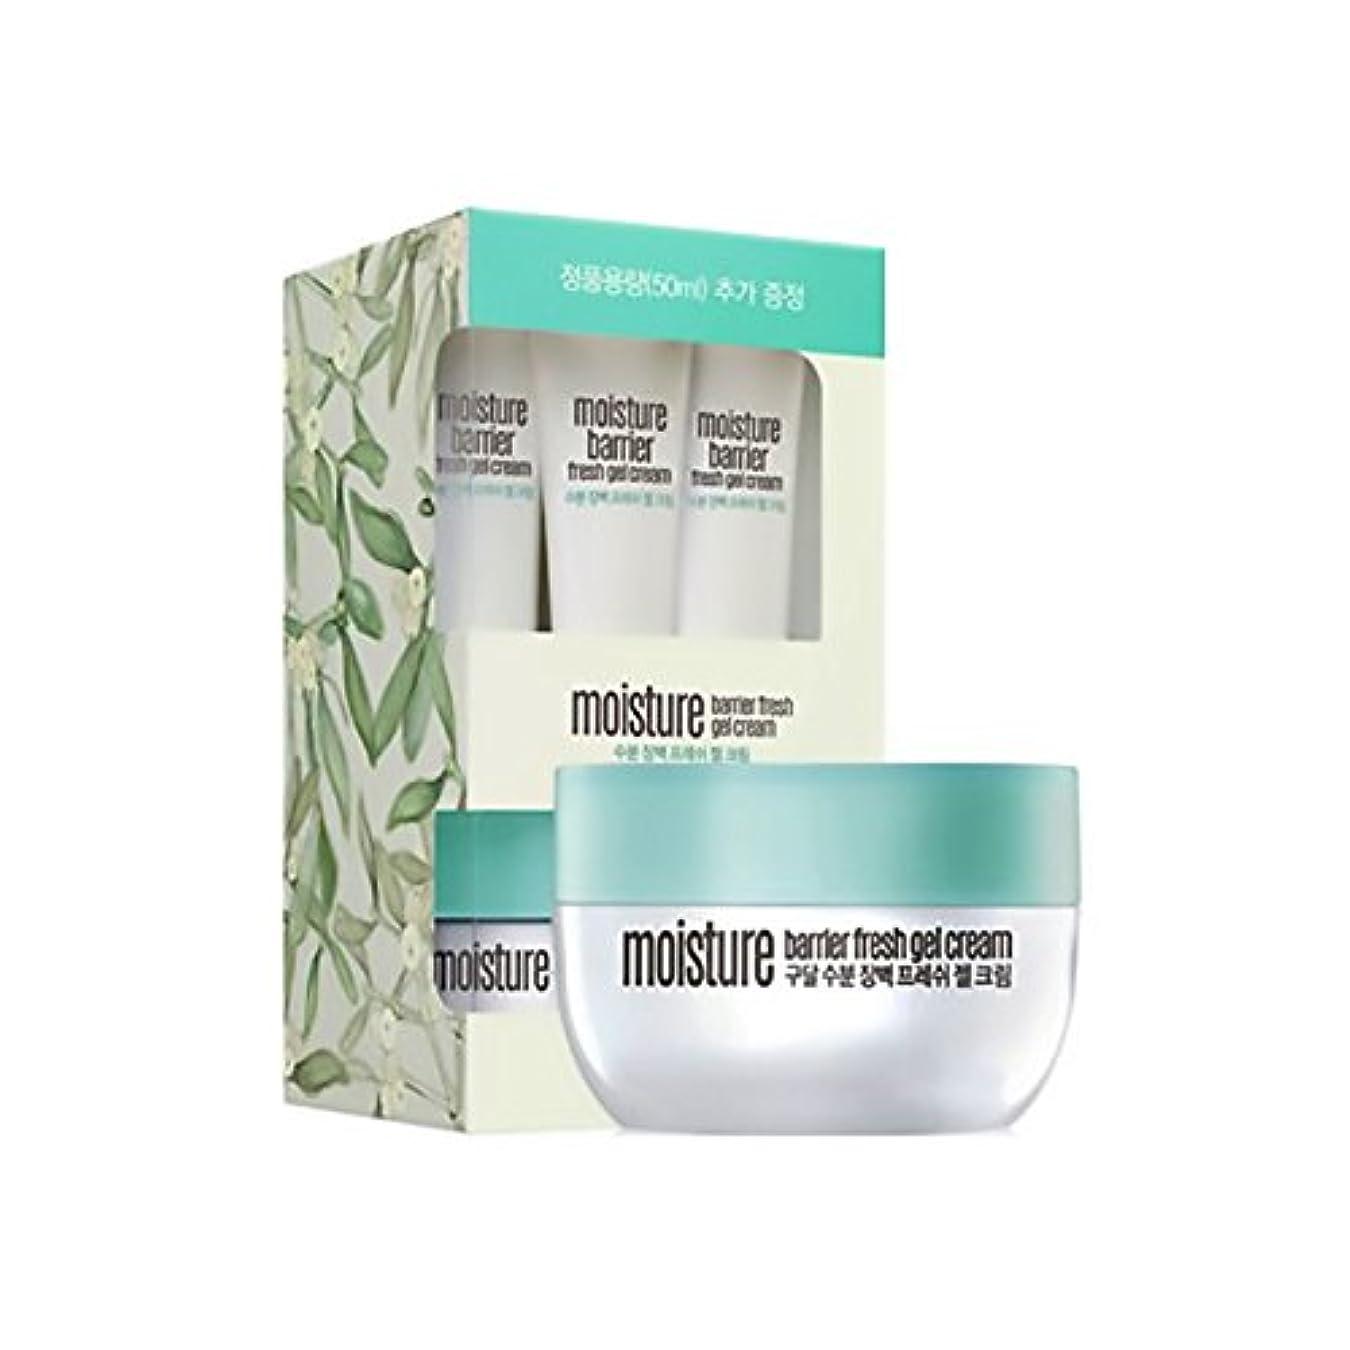 団結敵変形するgoodal moisture barrier fresh gel cream set